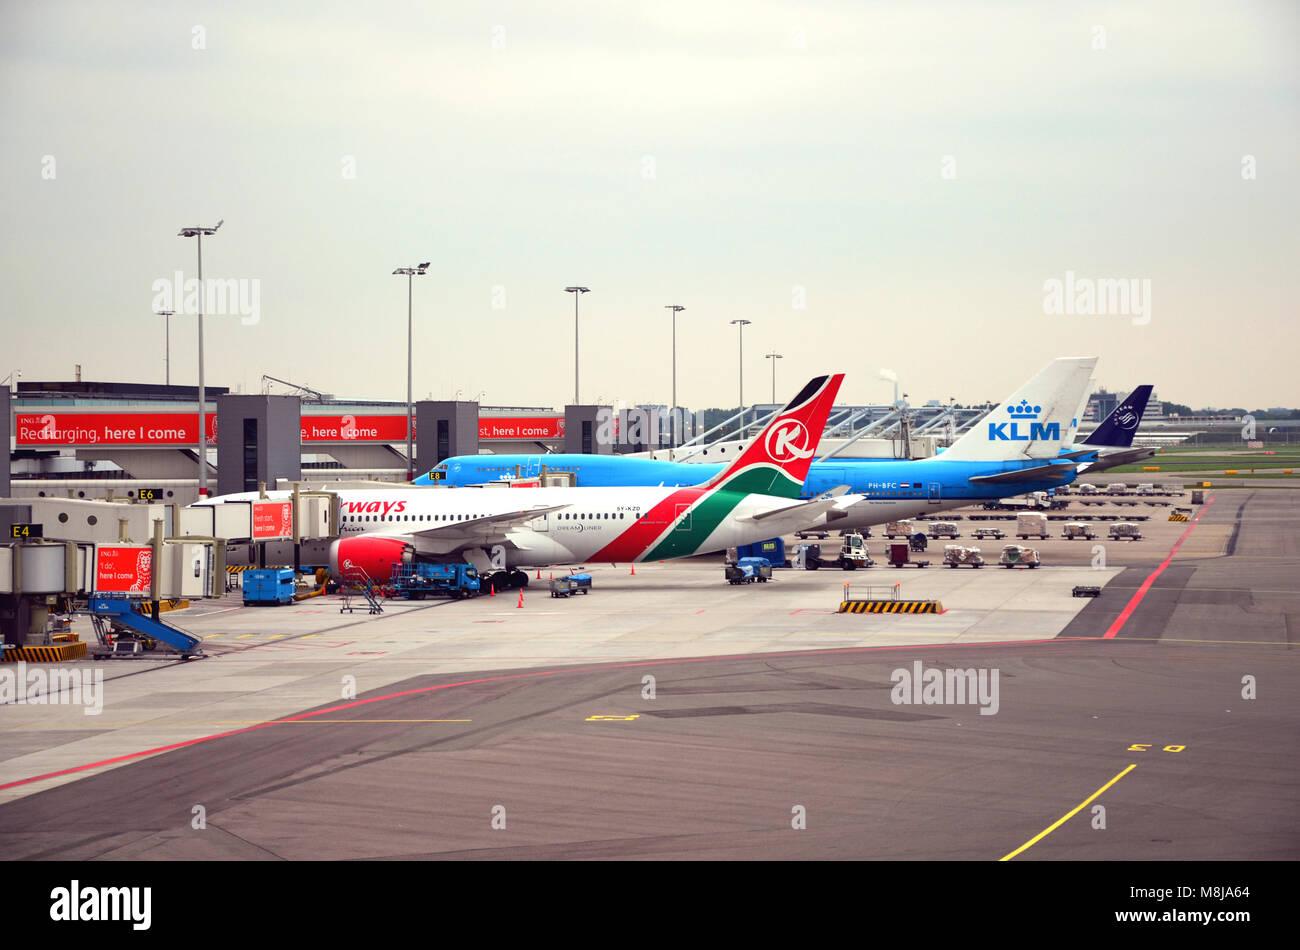 Aeroporto di Amsterdam, Paesi Bassi - 4 Settembre 2017: vista dell'aeroporto di Amsterdam e aereo di linea di Immagini Stock